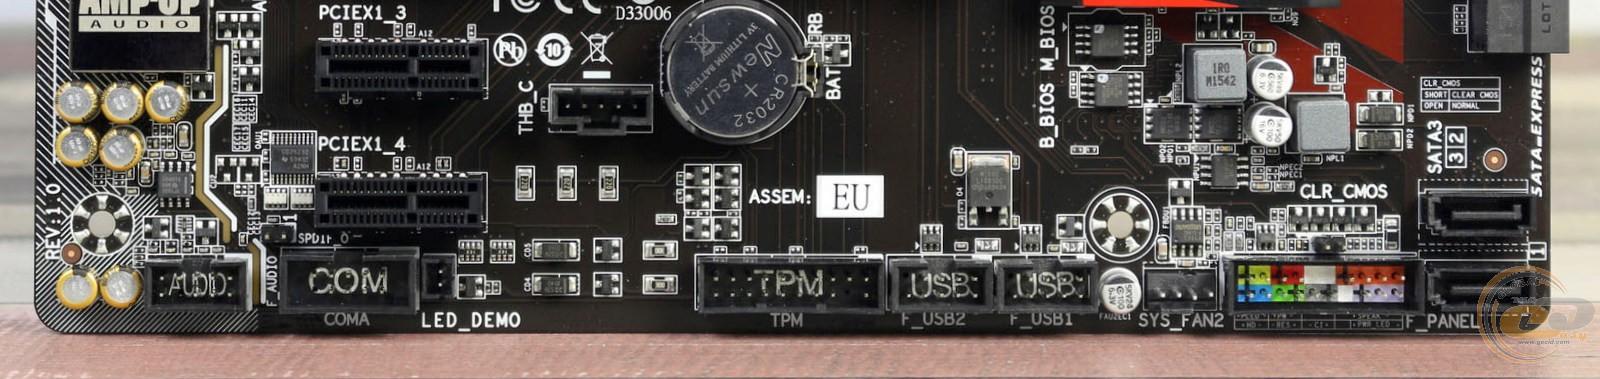 Gigabyte GA-Z170-Gaming K3-EU ASMedia USB 3 1 Driver